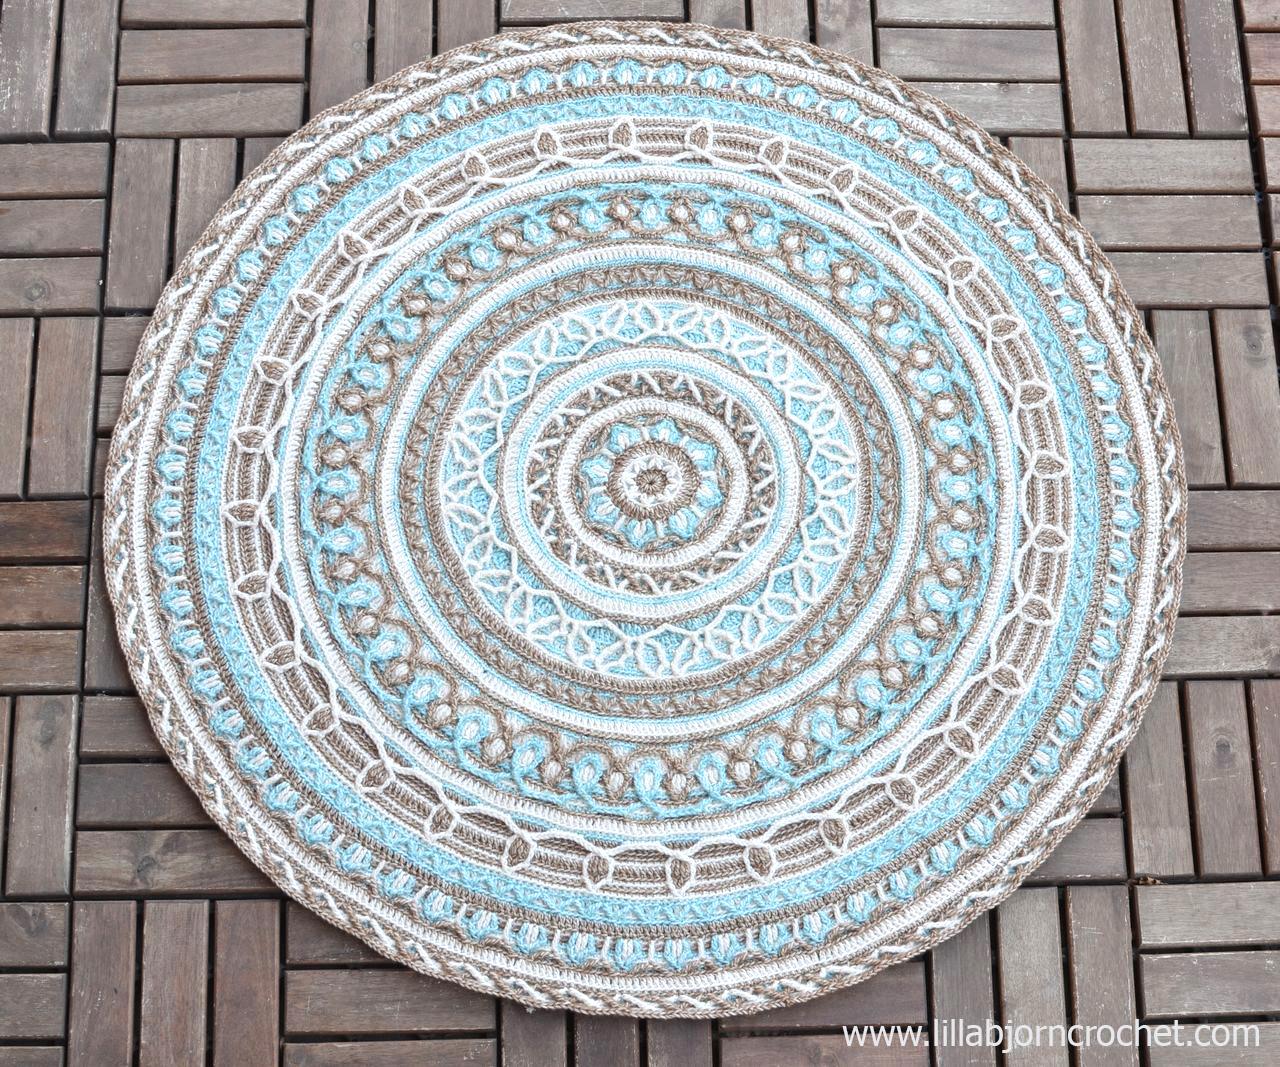 Joana's Mandala and Border - overlay crochet pattern by Lilla Bjorn Crochet